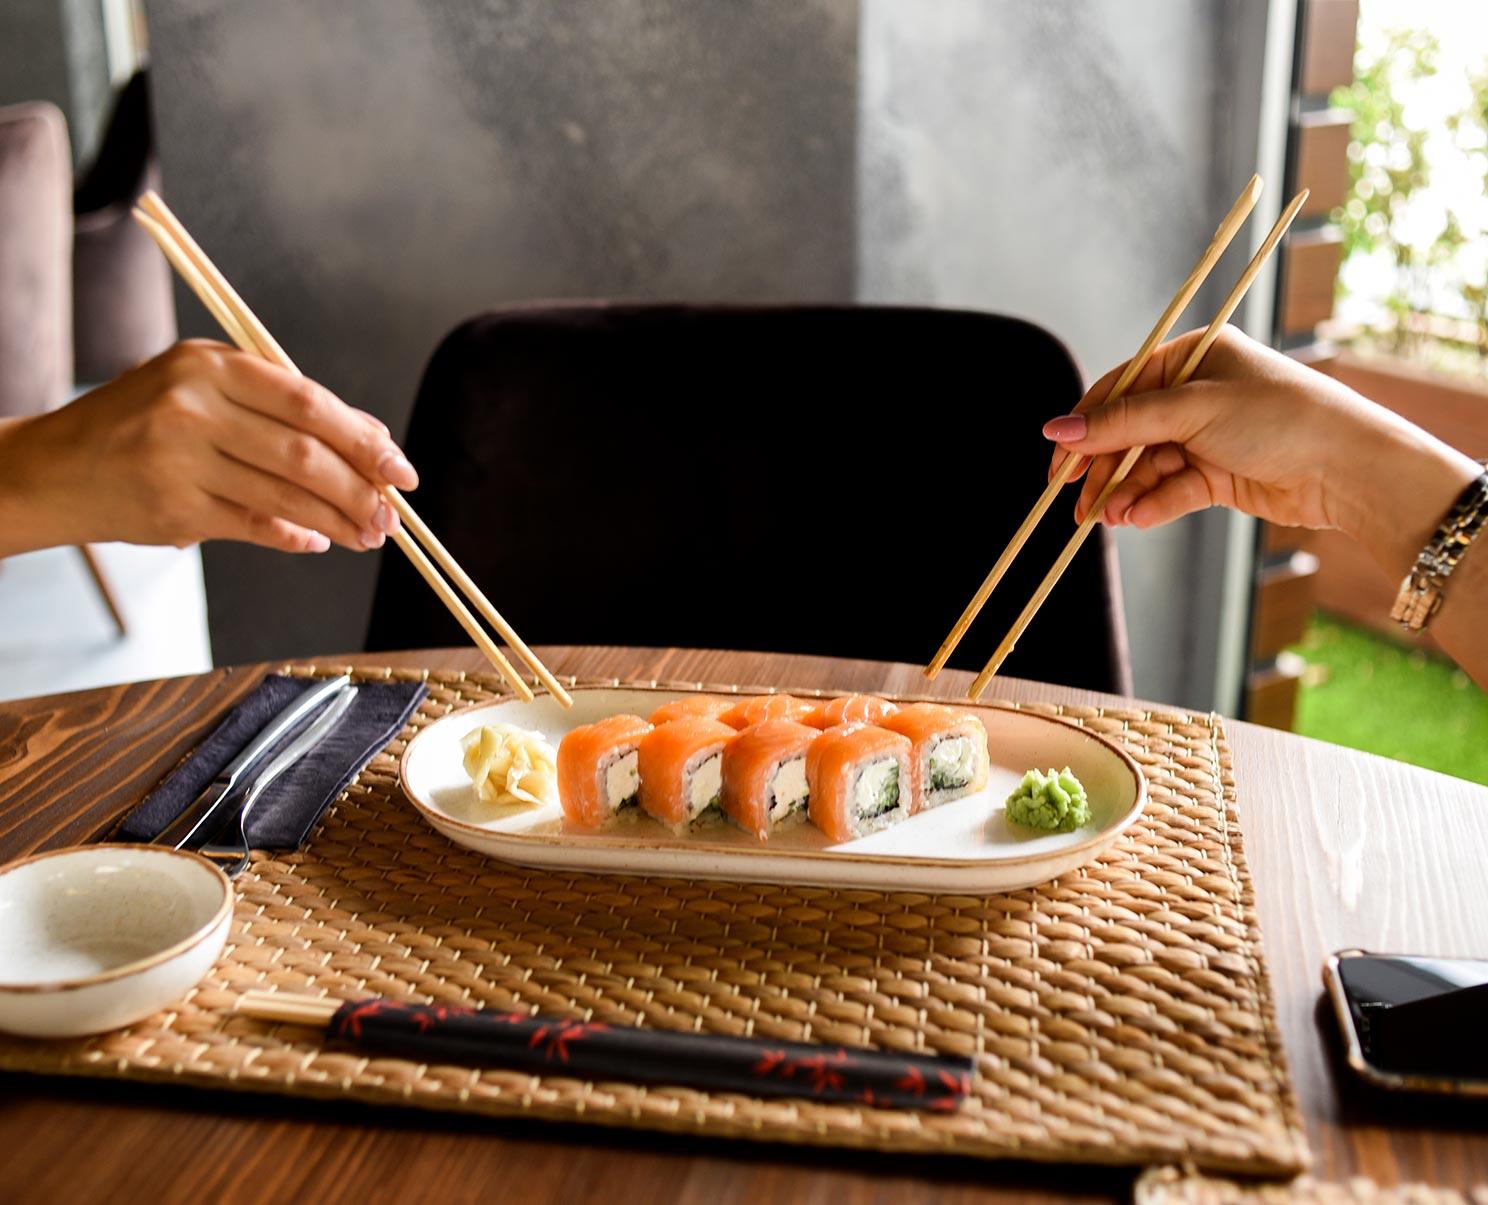 samourai-sushis-pexels-elif-tekkaya-5616131